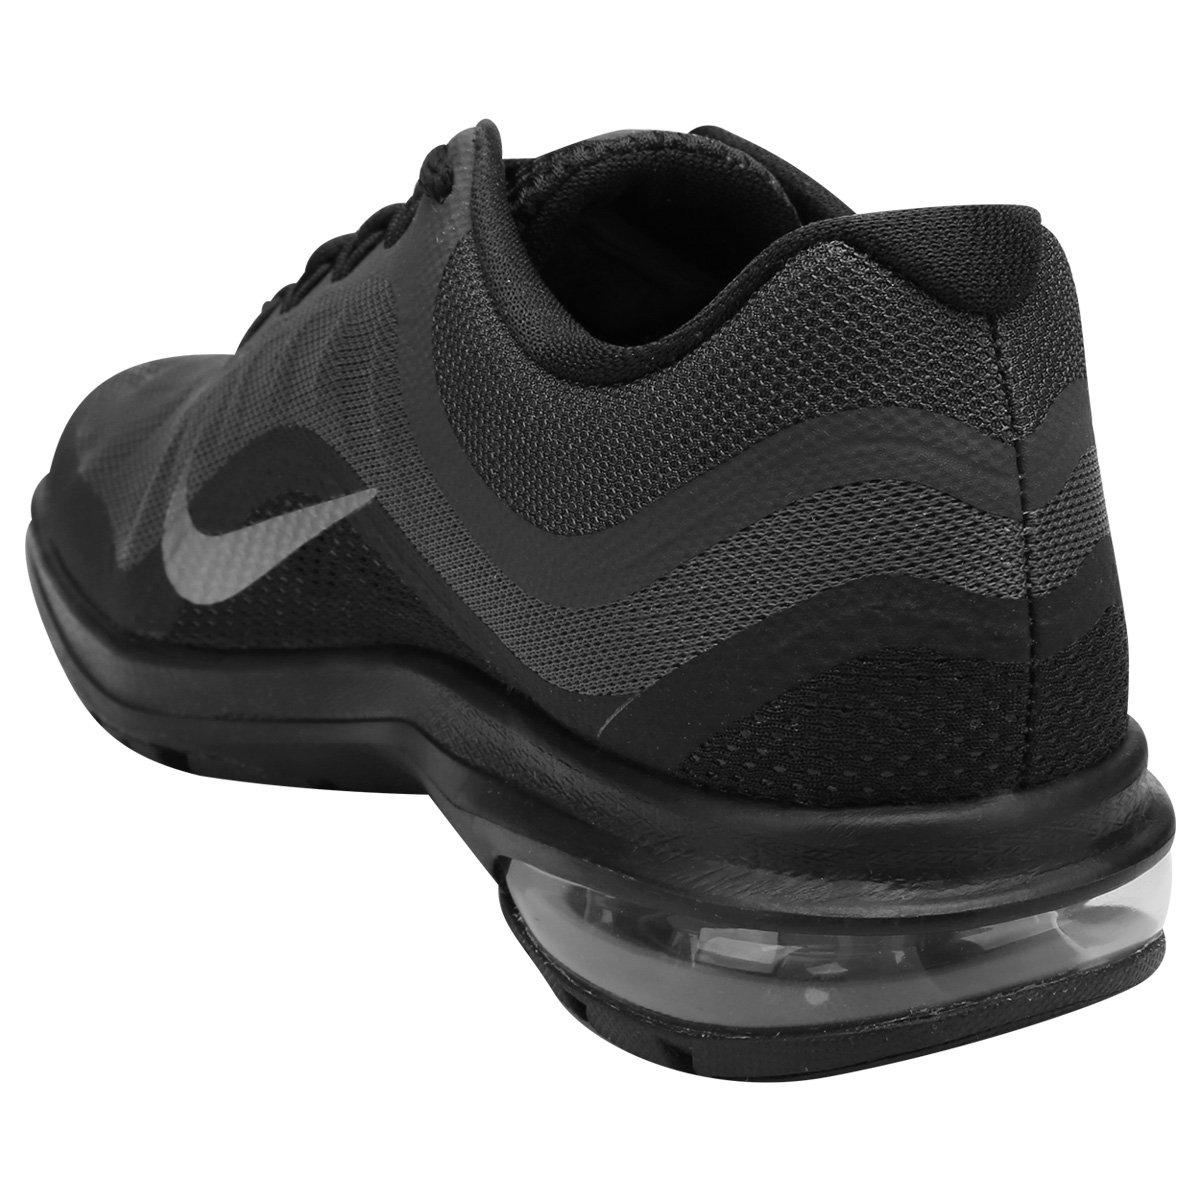 46cdc9f0b4b Tênis Nike Sb Portmore Cnvs Masculino Compre Agora Loja Do Inter